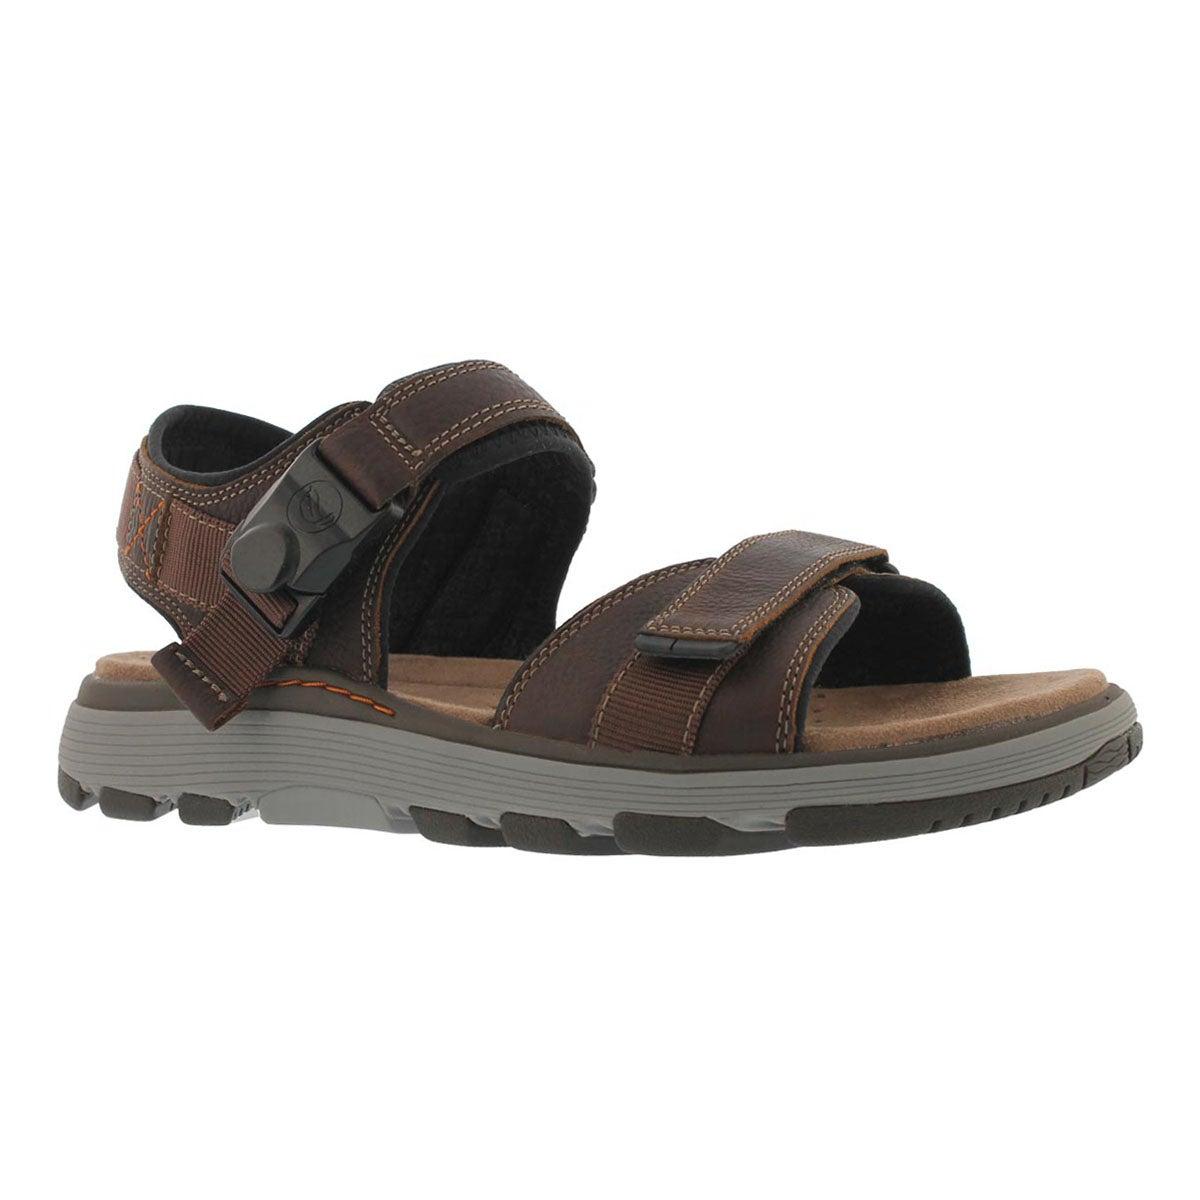 Men's UNTREK PART dark tan casual sandal